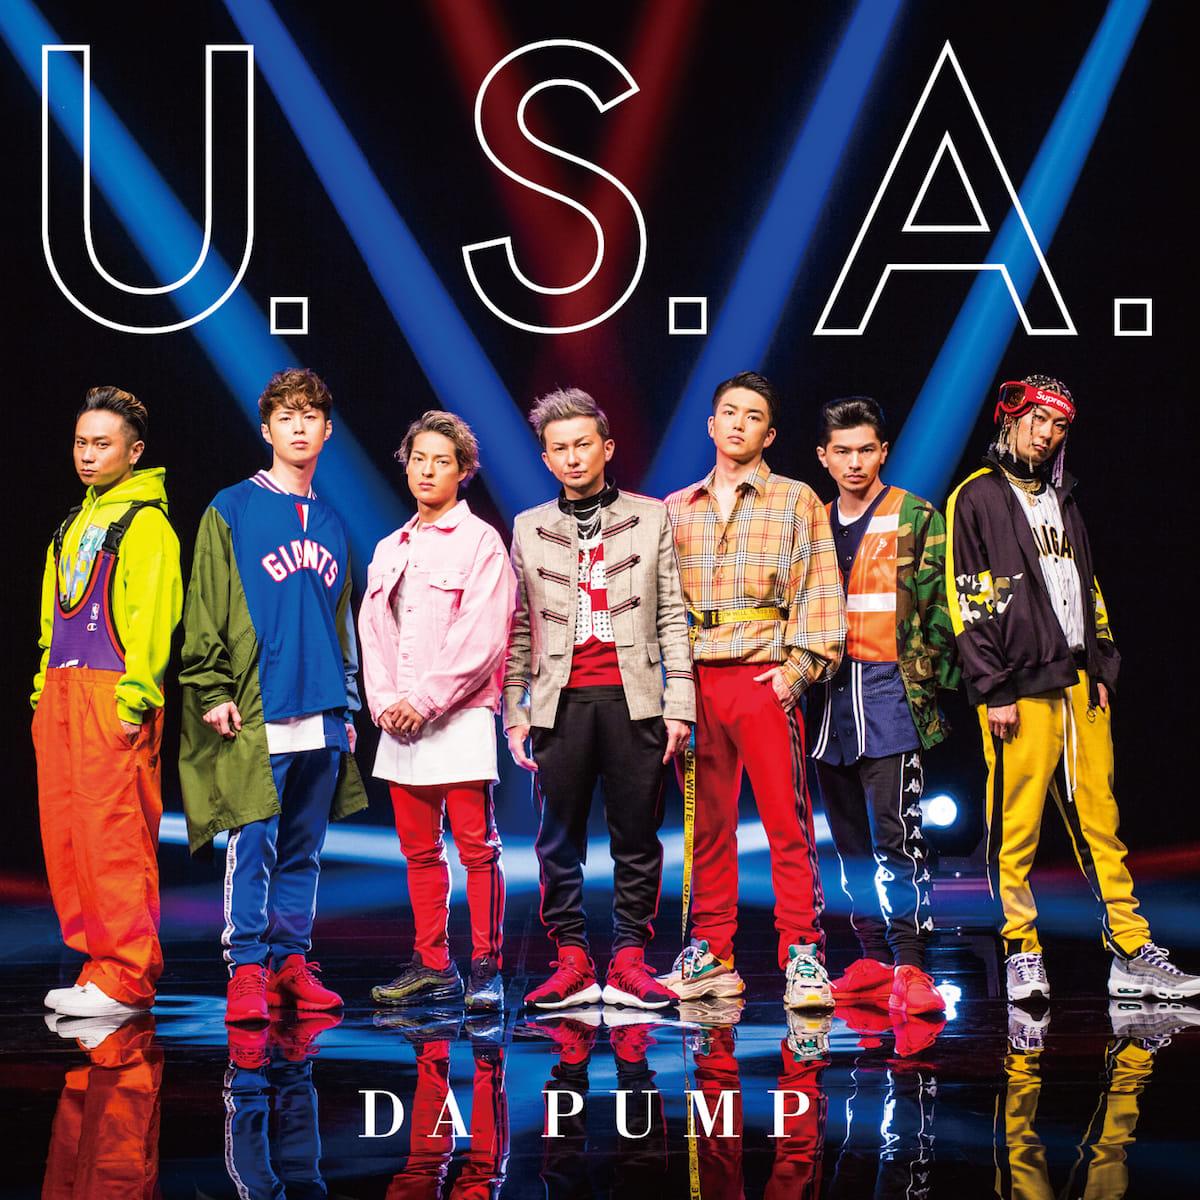 DA PUMPの名曲がサブスク配信開始!ダサかっこ良いと話題の新曲も先行配信スタート music180523-dapump-2-1200x1200